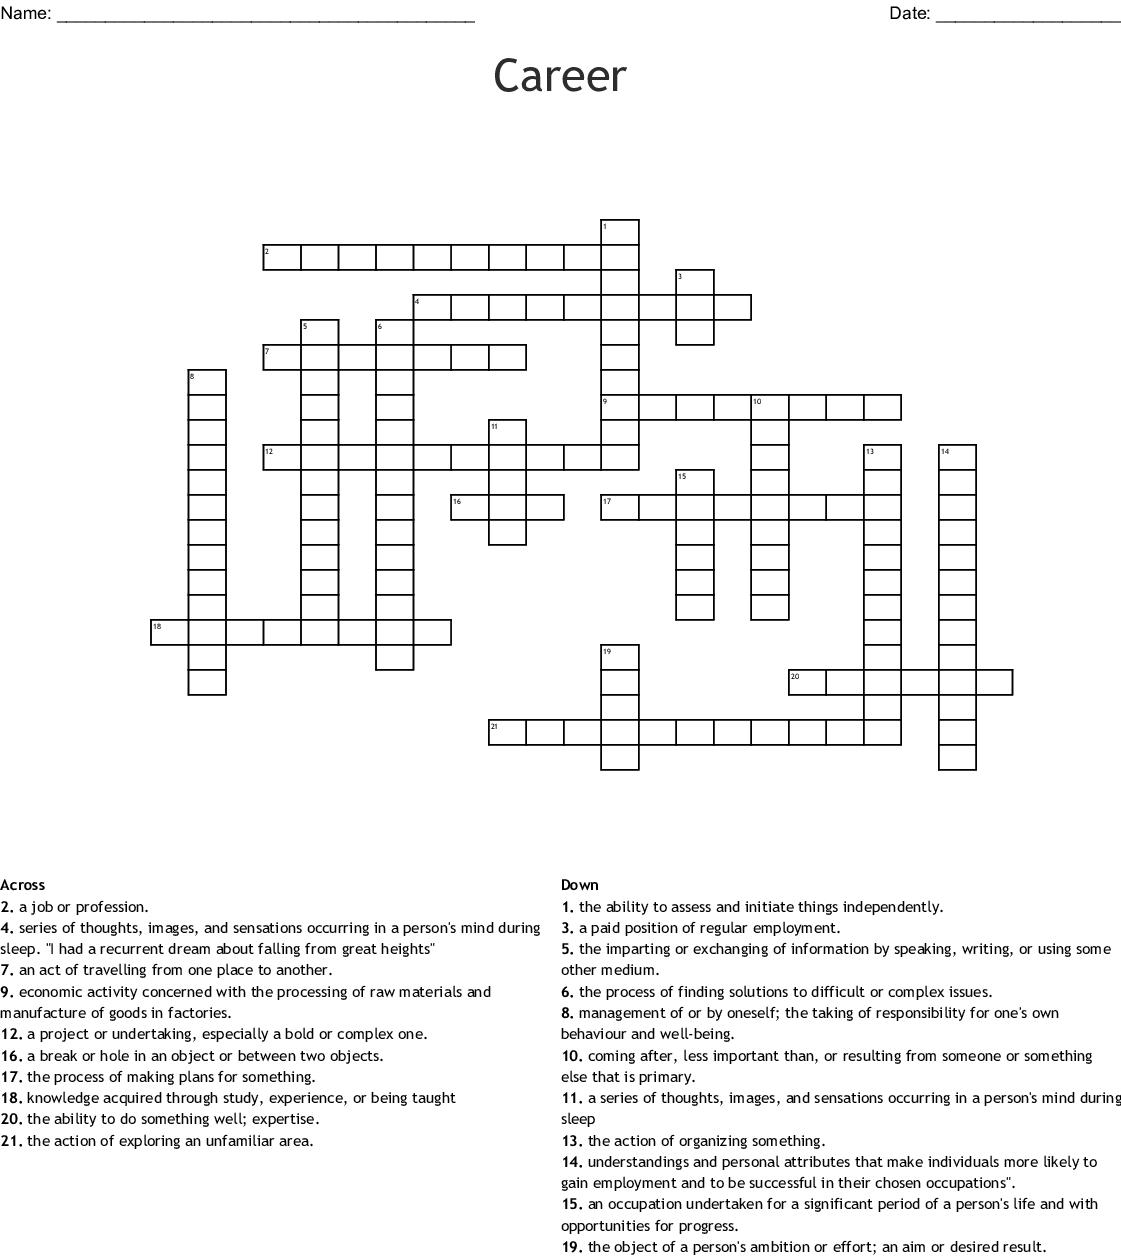 Career Crossword - Wordmint - Printable Crossword Puzzles Job